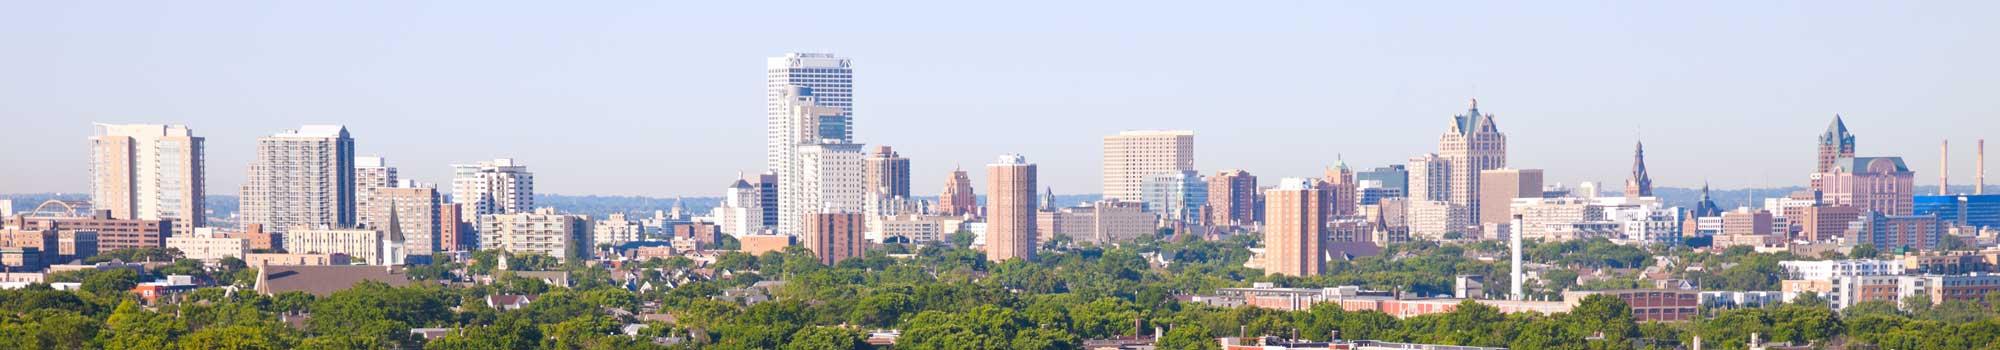 Milwaukee Skyline Header 2000 Mke Lofts Apartments